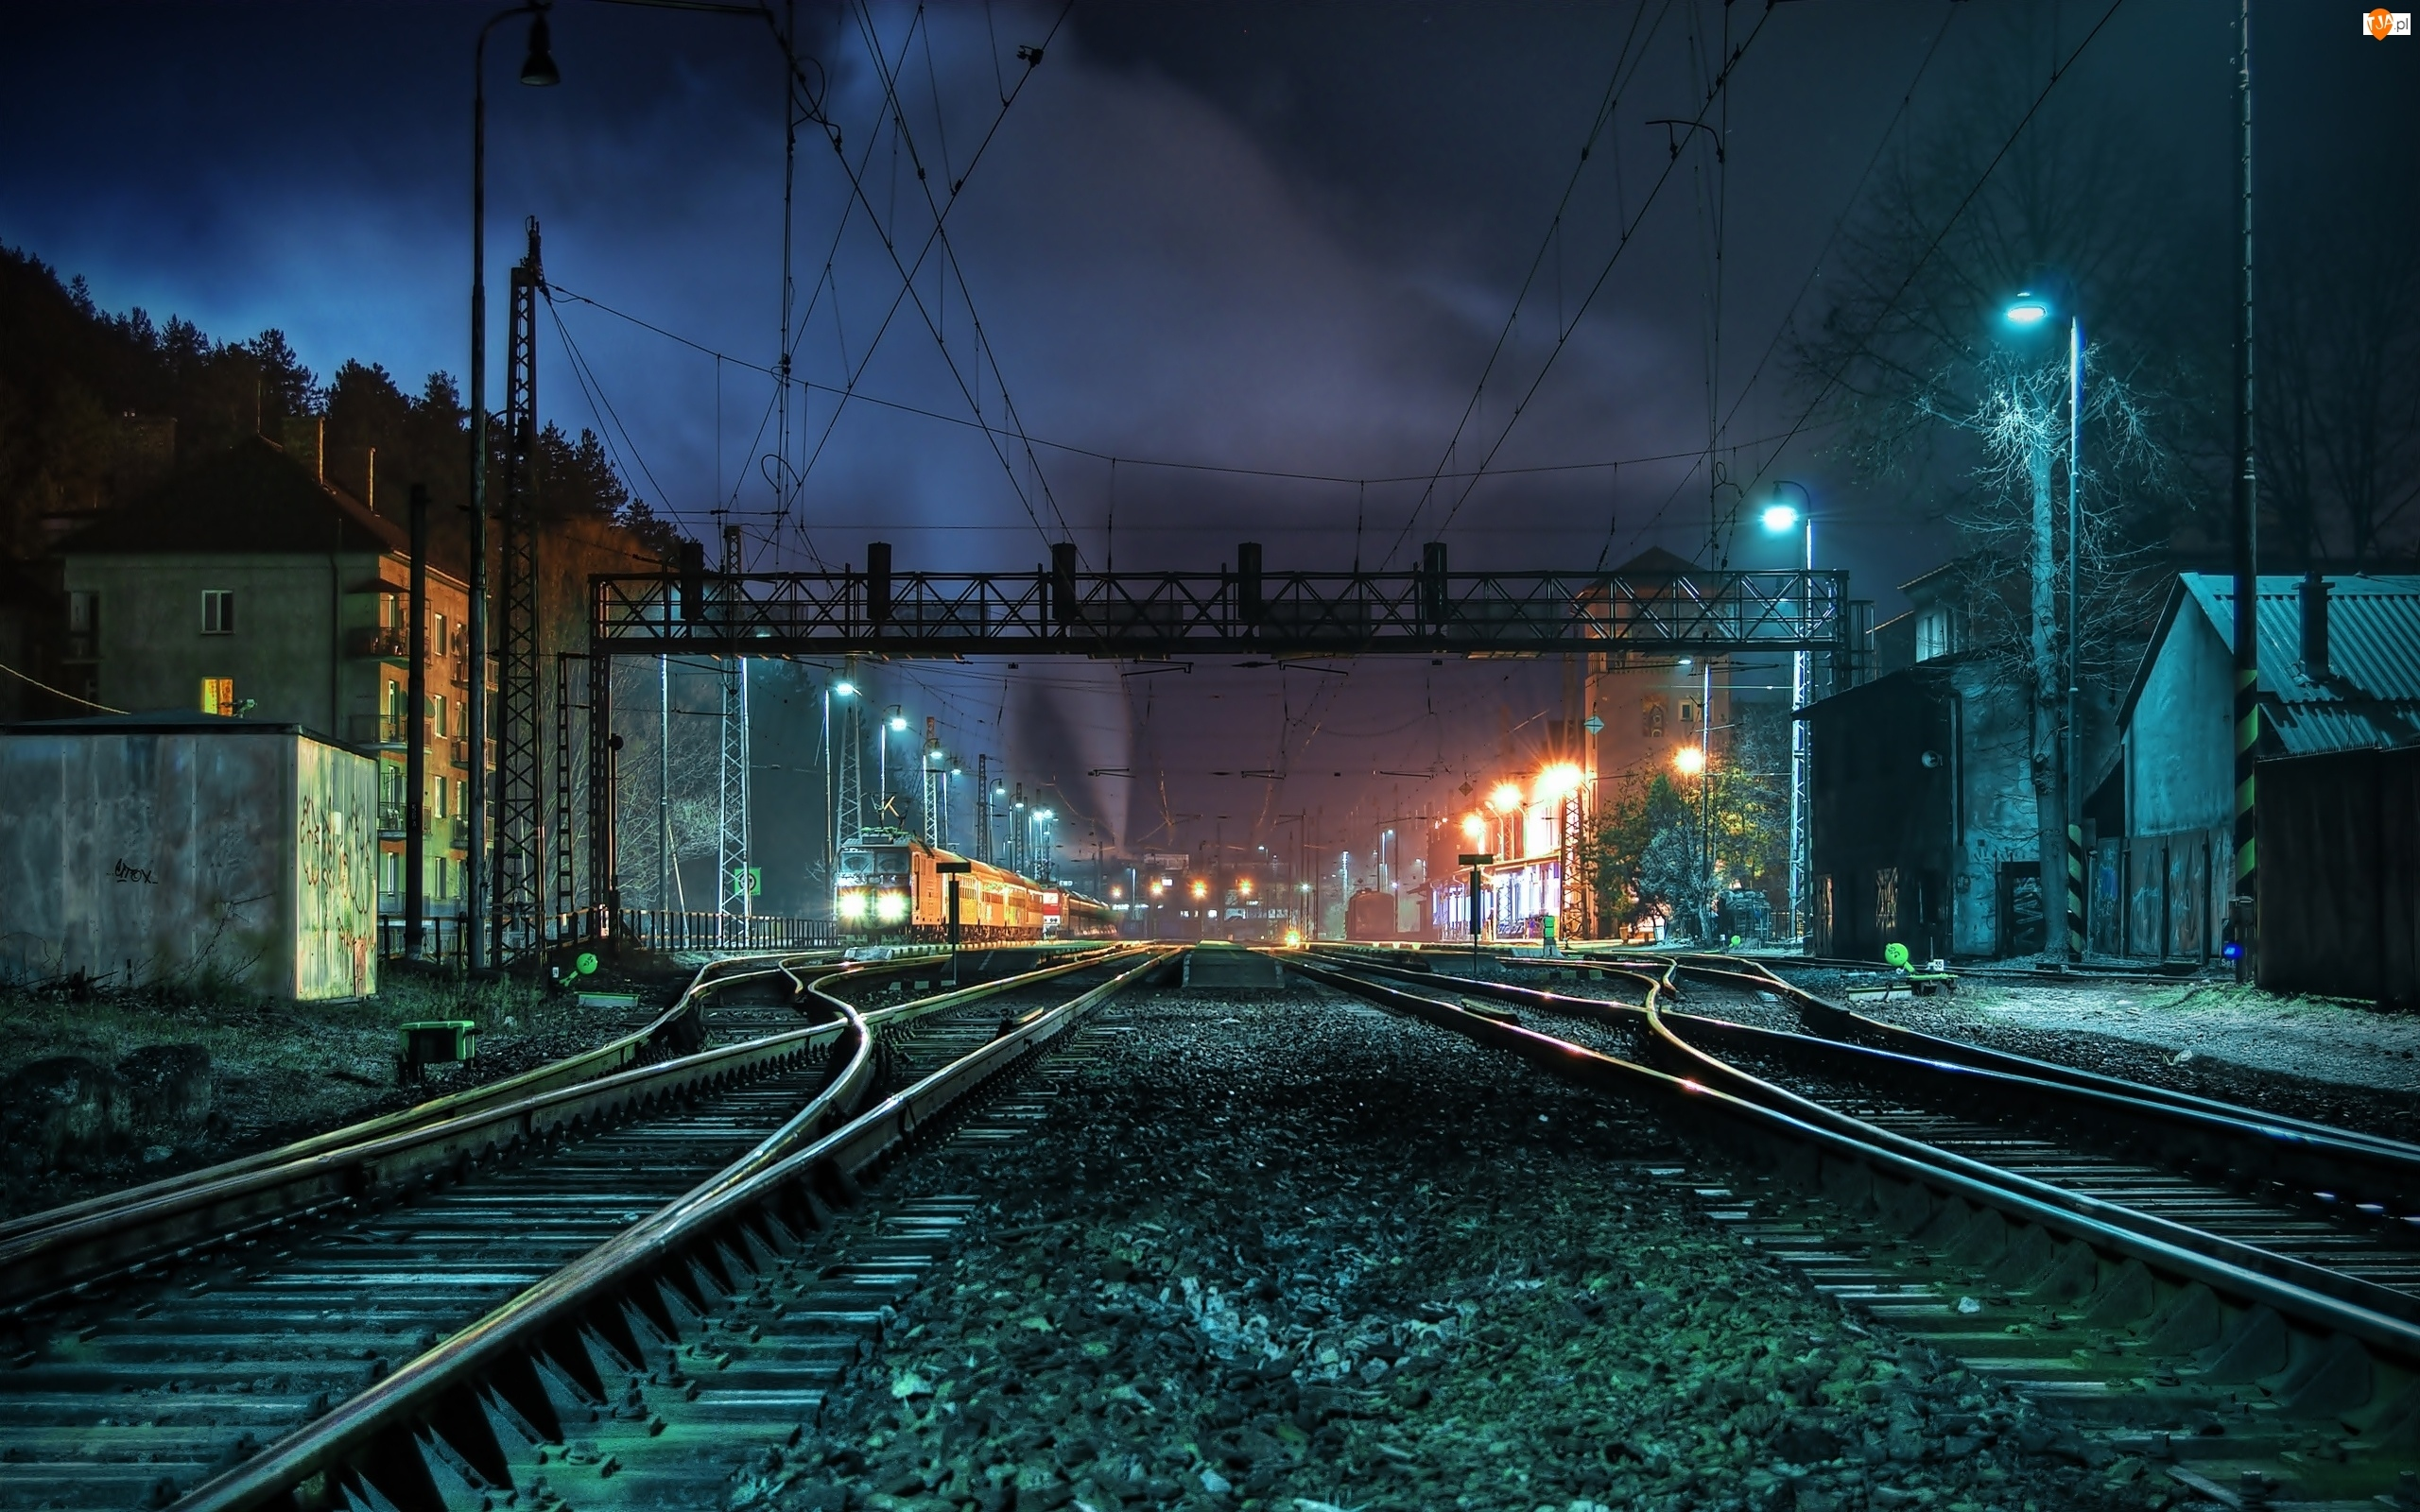 Oświetlenie, Dworzec, Tory, Kolejowy, Noc